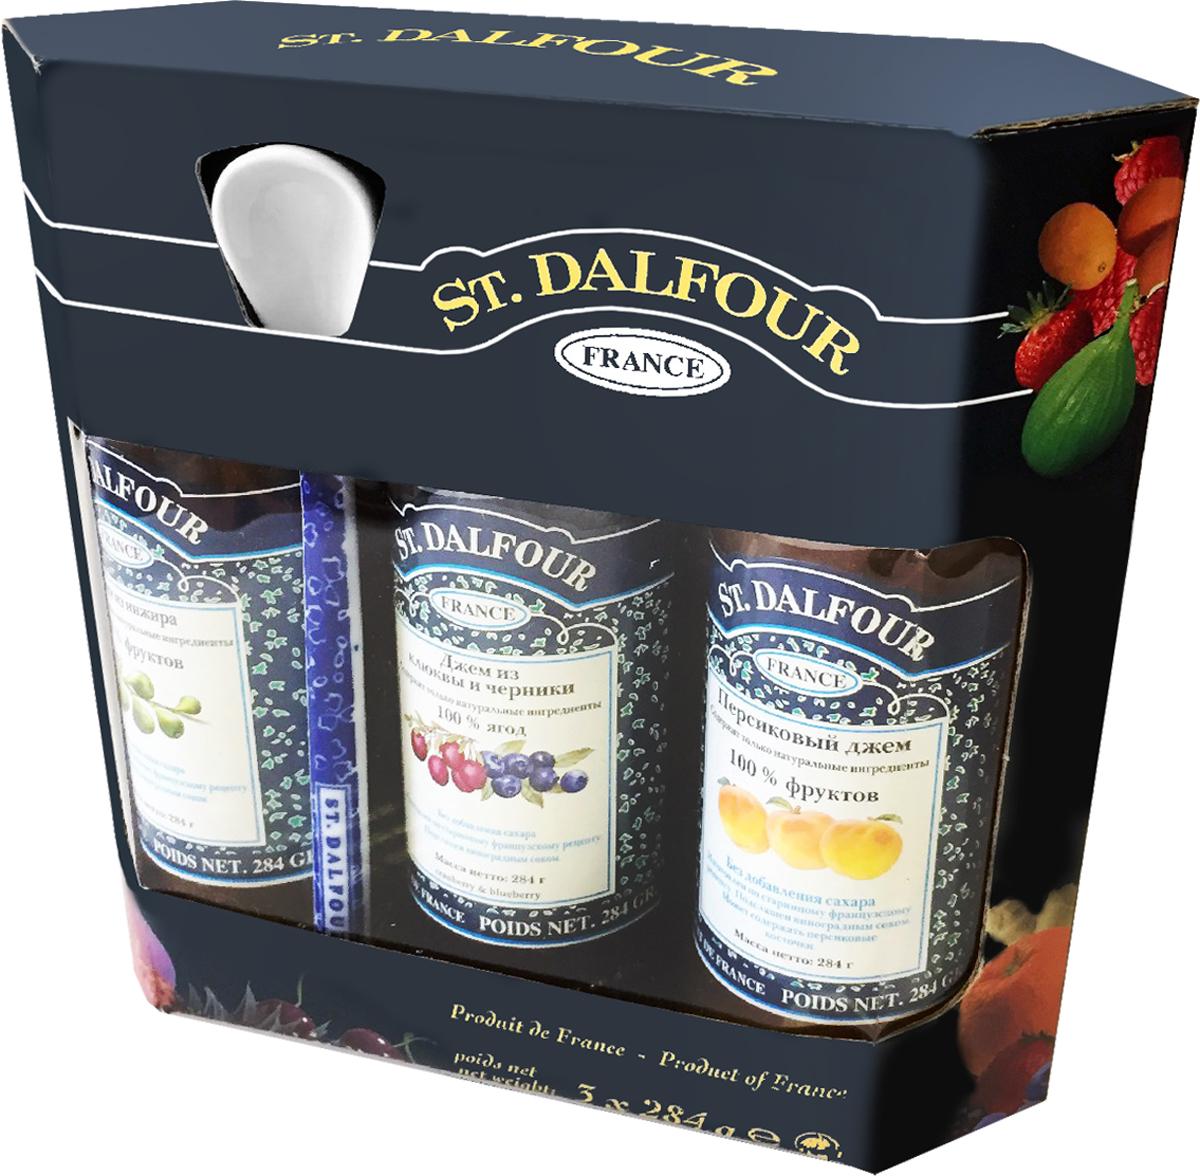 St. Dalfour подарочный набор 3 джема инжир, персик, клюква и черника, 852 г kinder mini mix подарочный набор 106 5 г